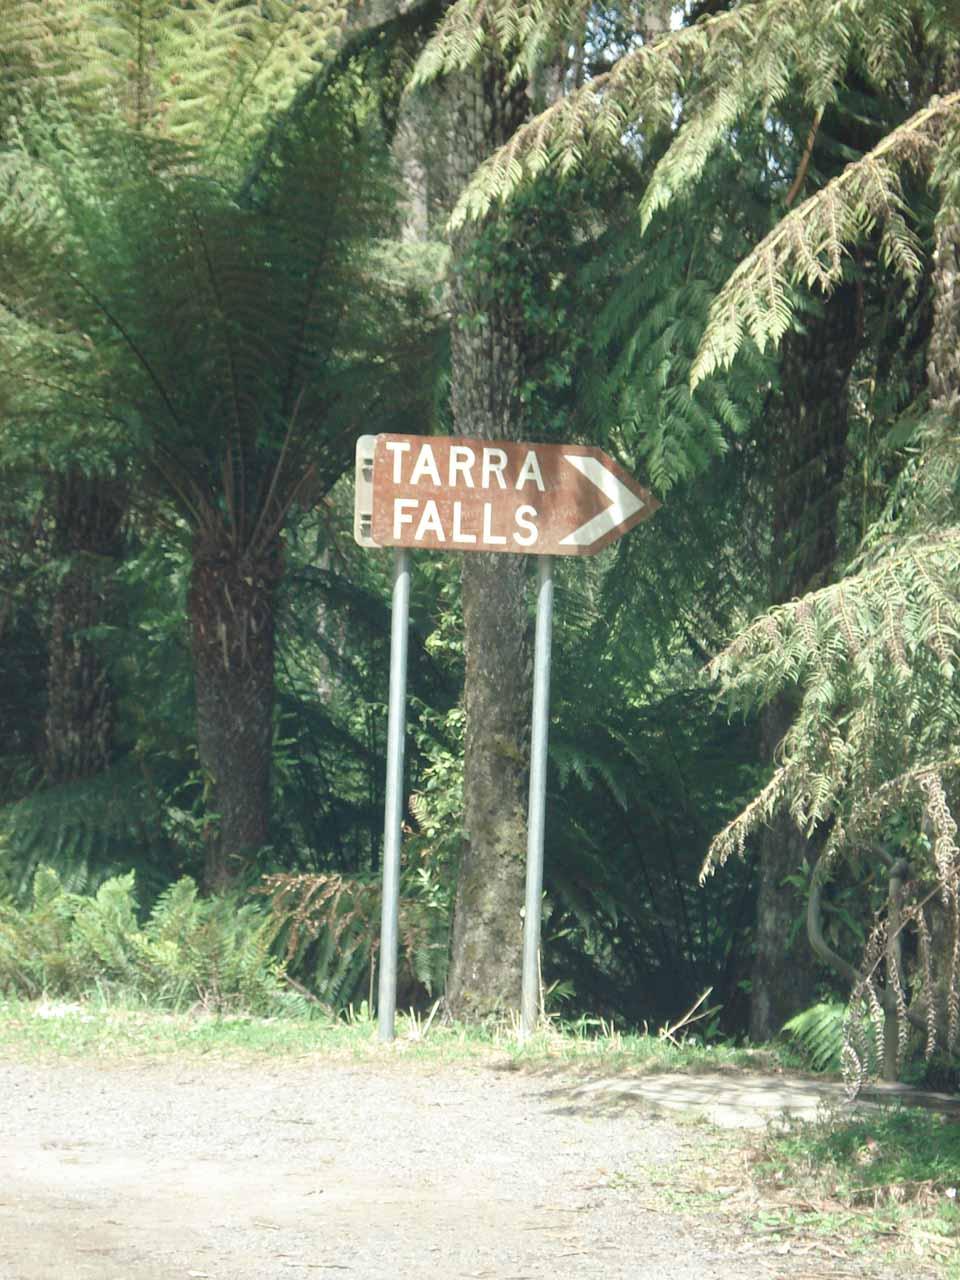 A signpost helping us find Tarra Falls